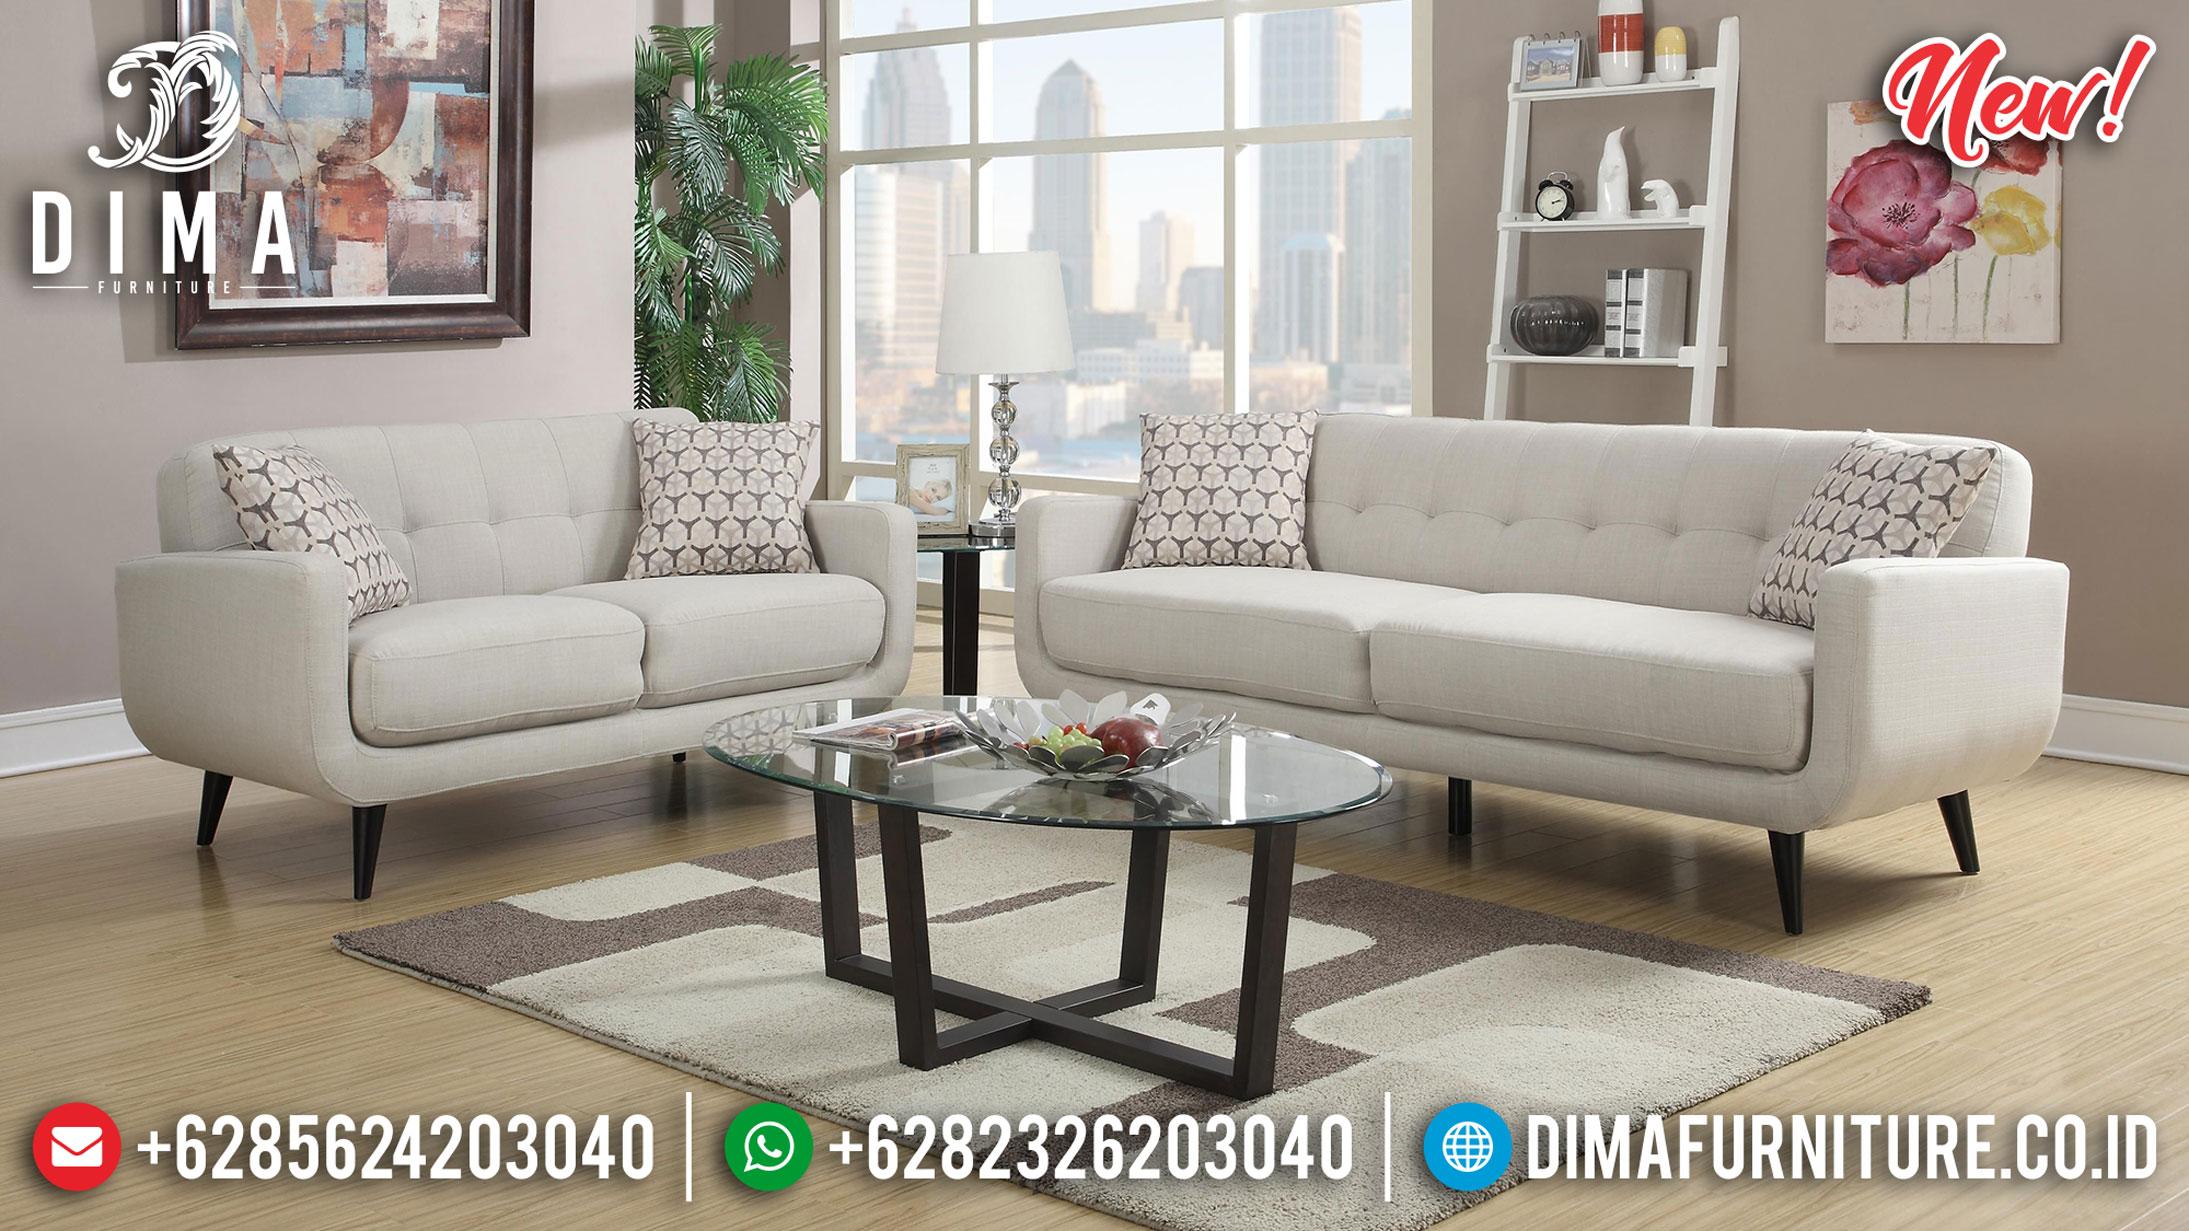 New Sofa Tamu Minimalis Jepara Set 3 2 Meja Terbaru Olivia DF-1363